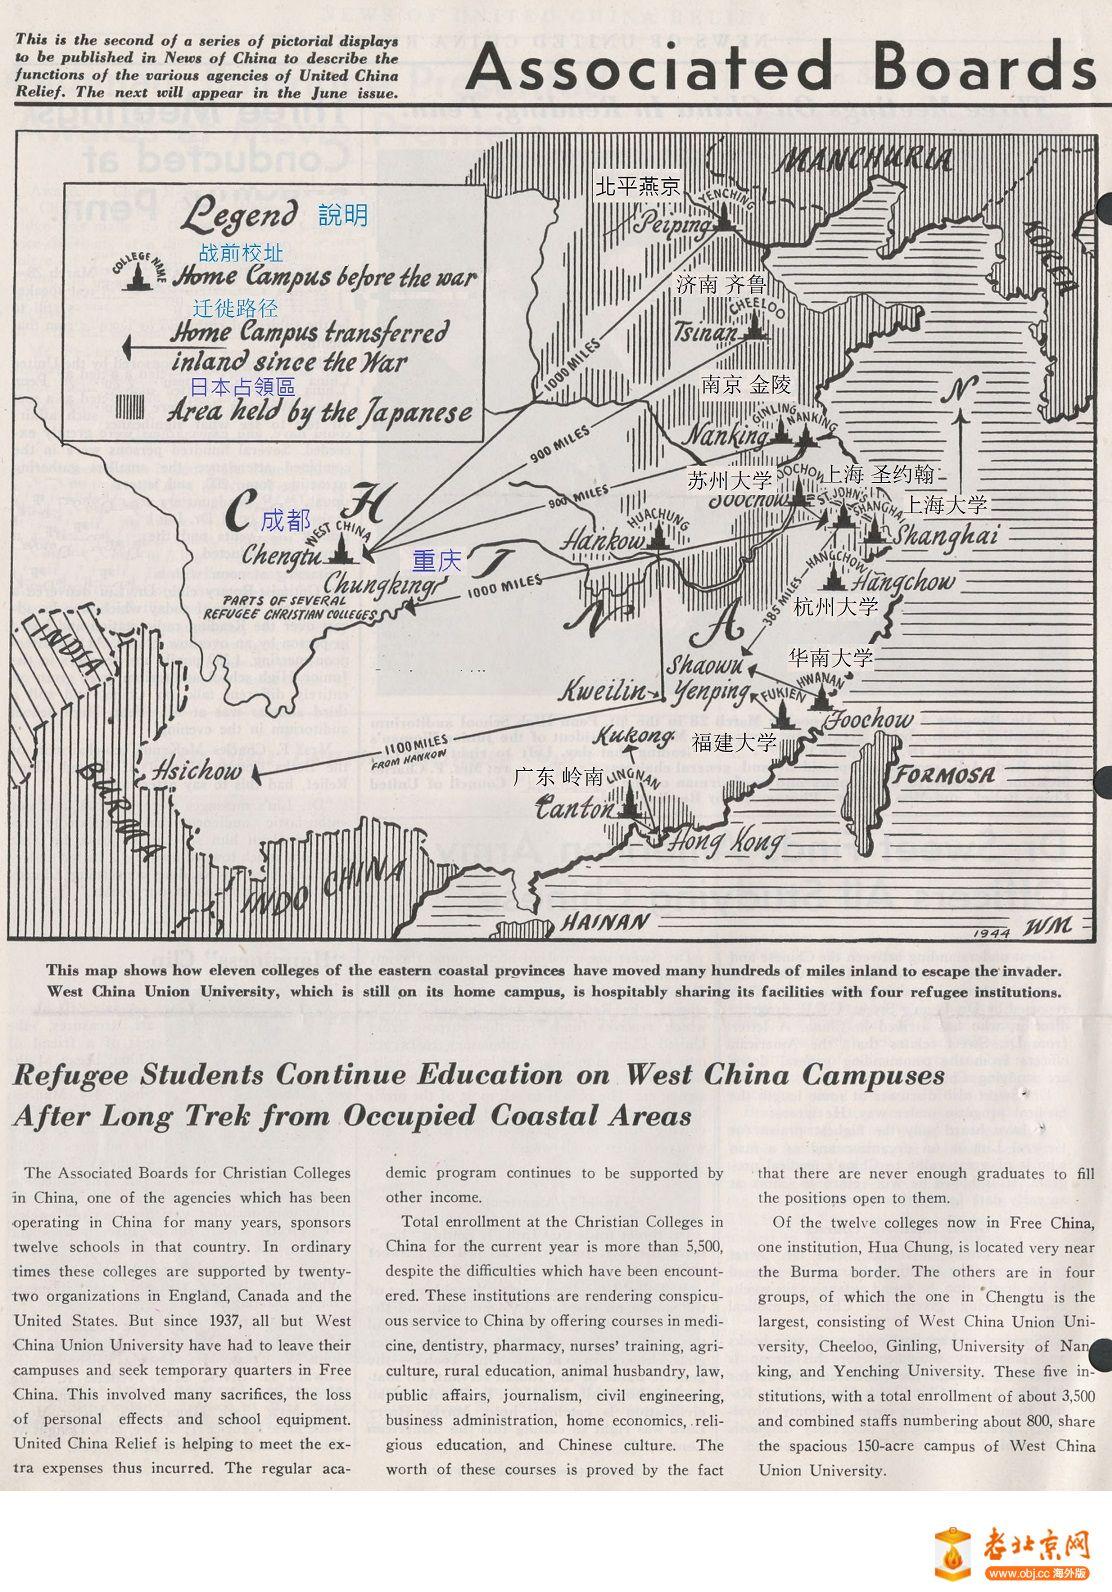 """RE: """"风雨如晦鸡鸣不已,流徙颠沛弦歌不辍。""""      记抗战西迁流亡学生与学校的故事"""